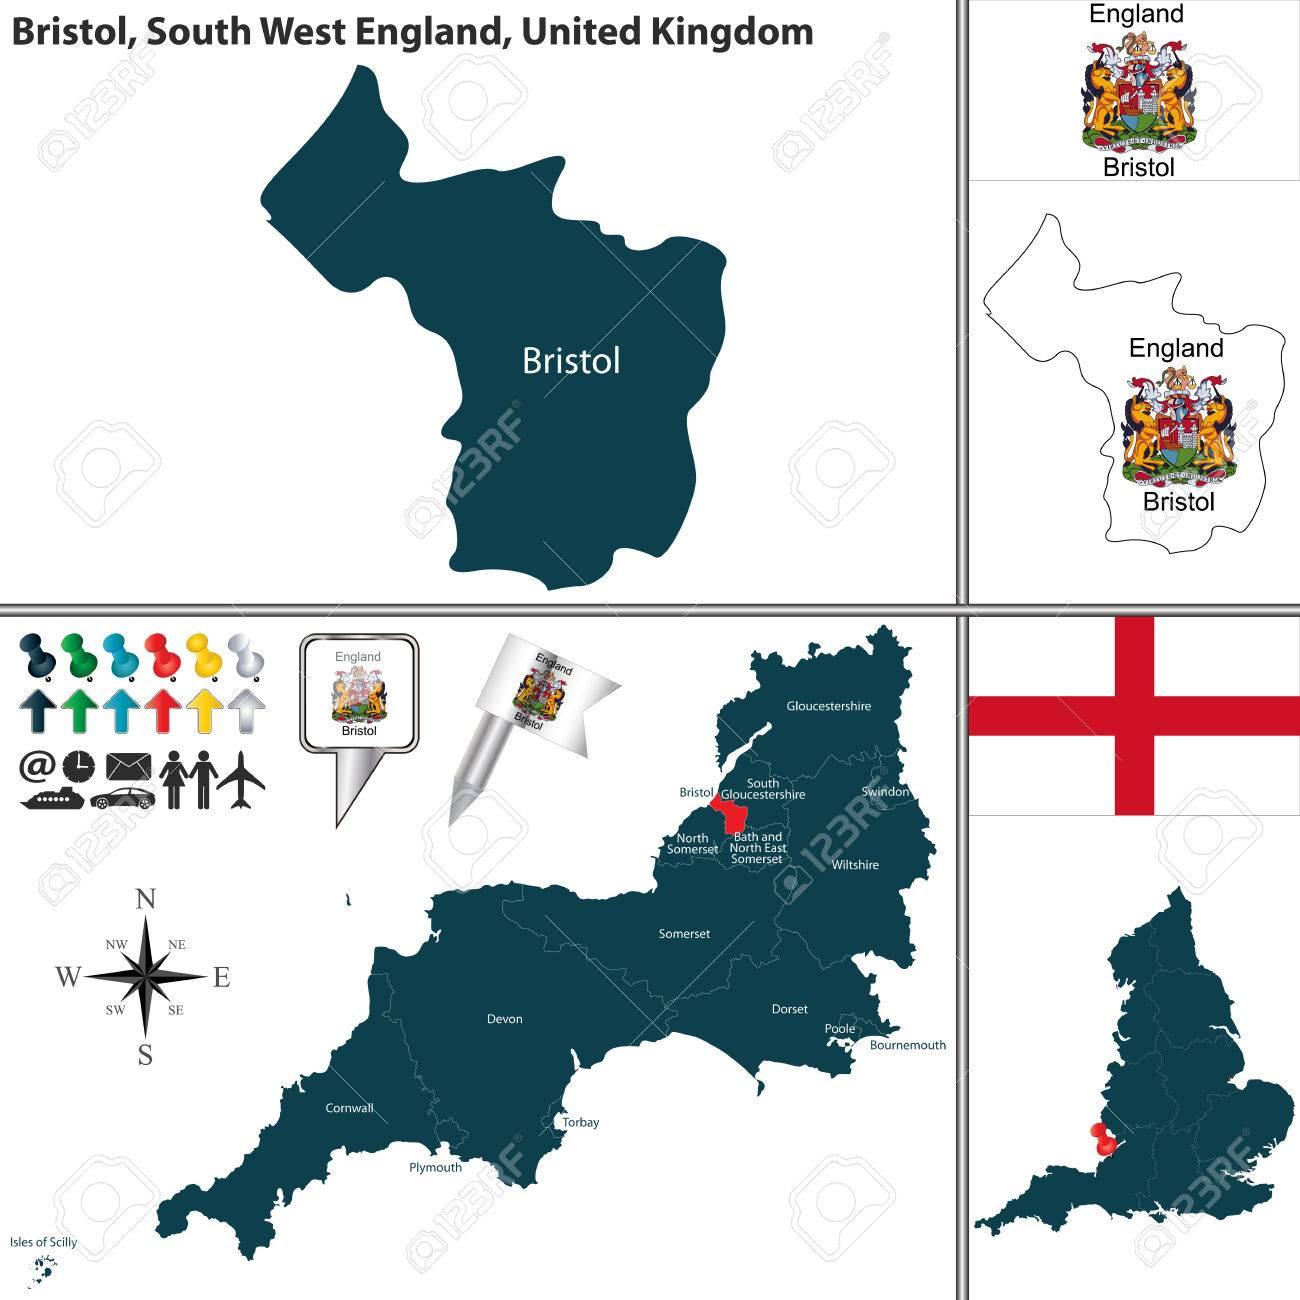 Carte Angleterre Region.Carte De Bristol En Angleterre Sud Ouest Royaume Uni Avec Les Regions Et Drapeaux